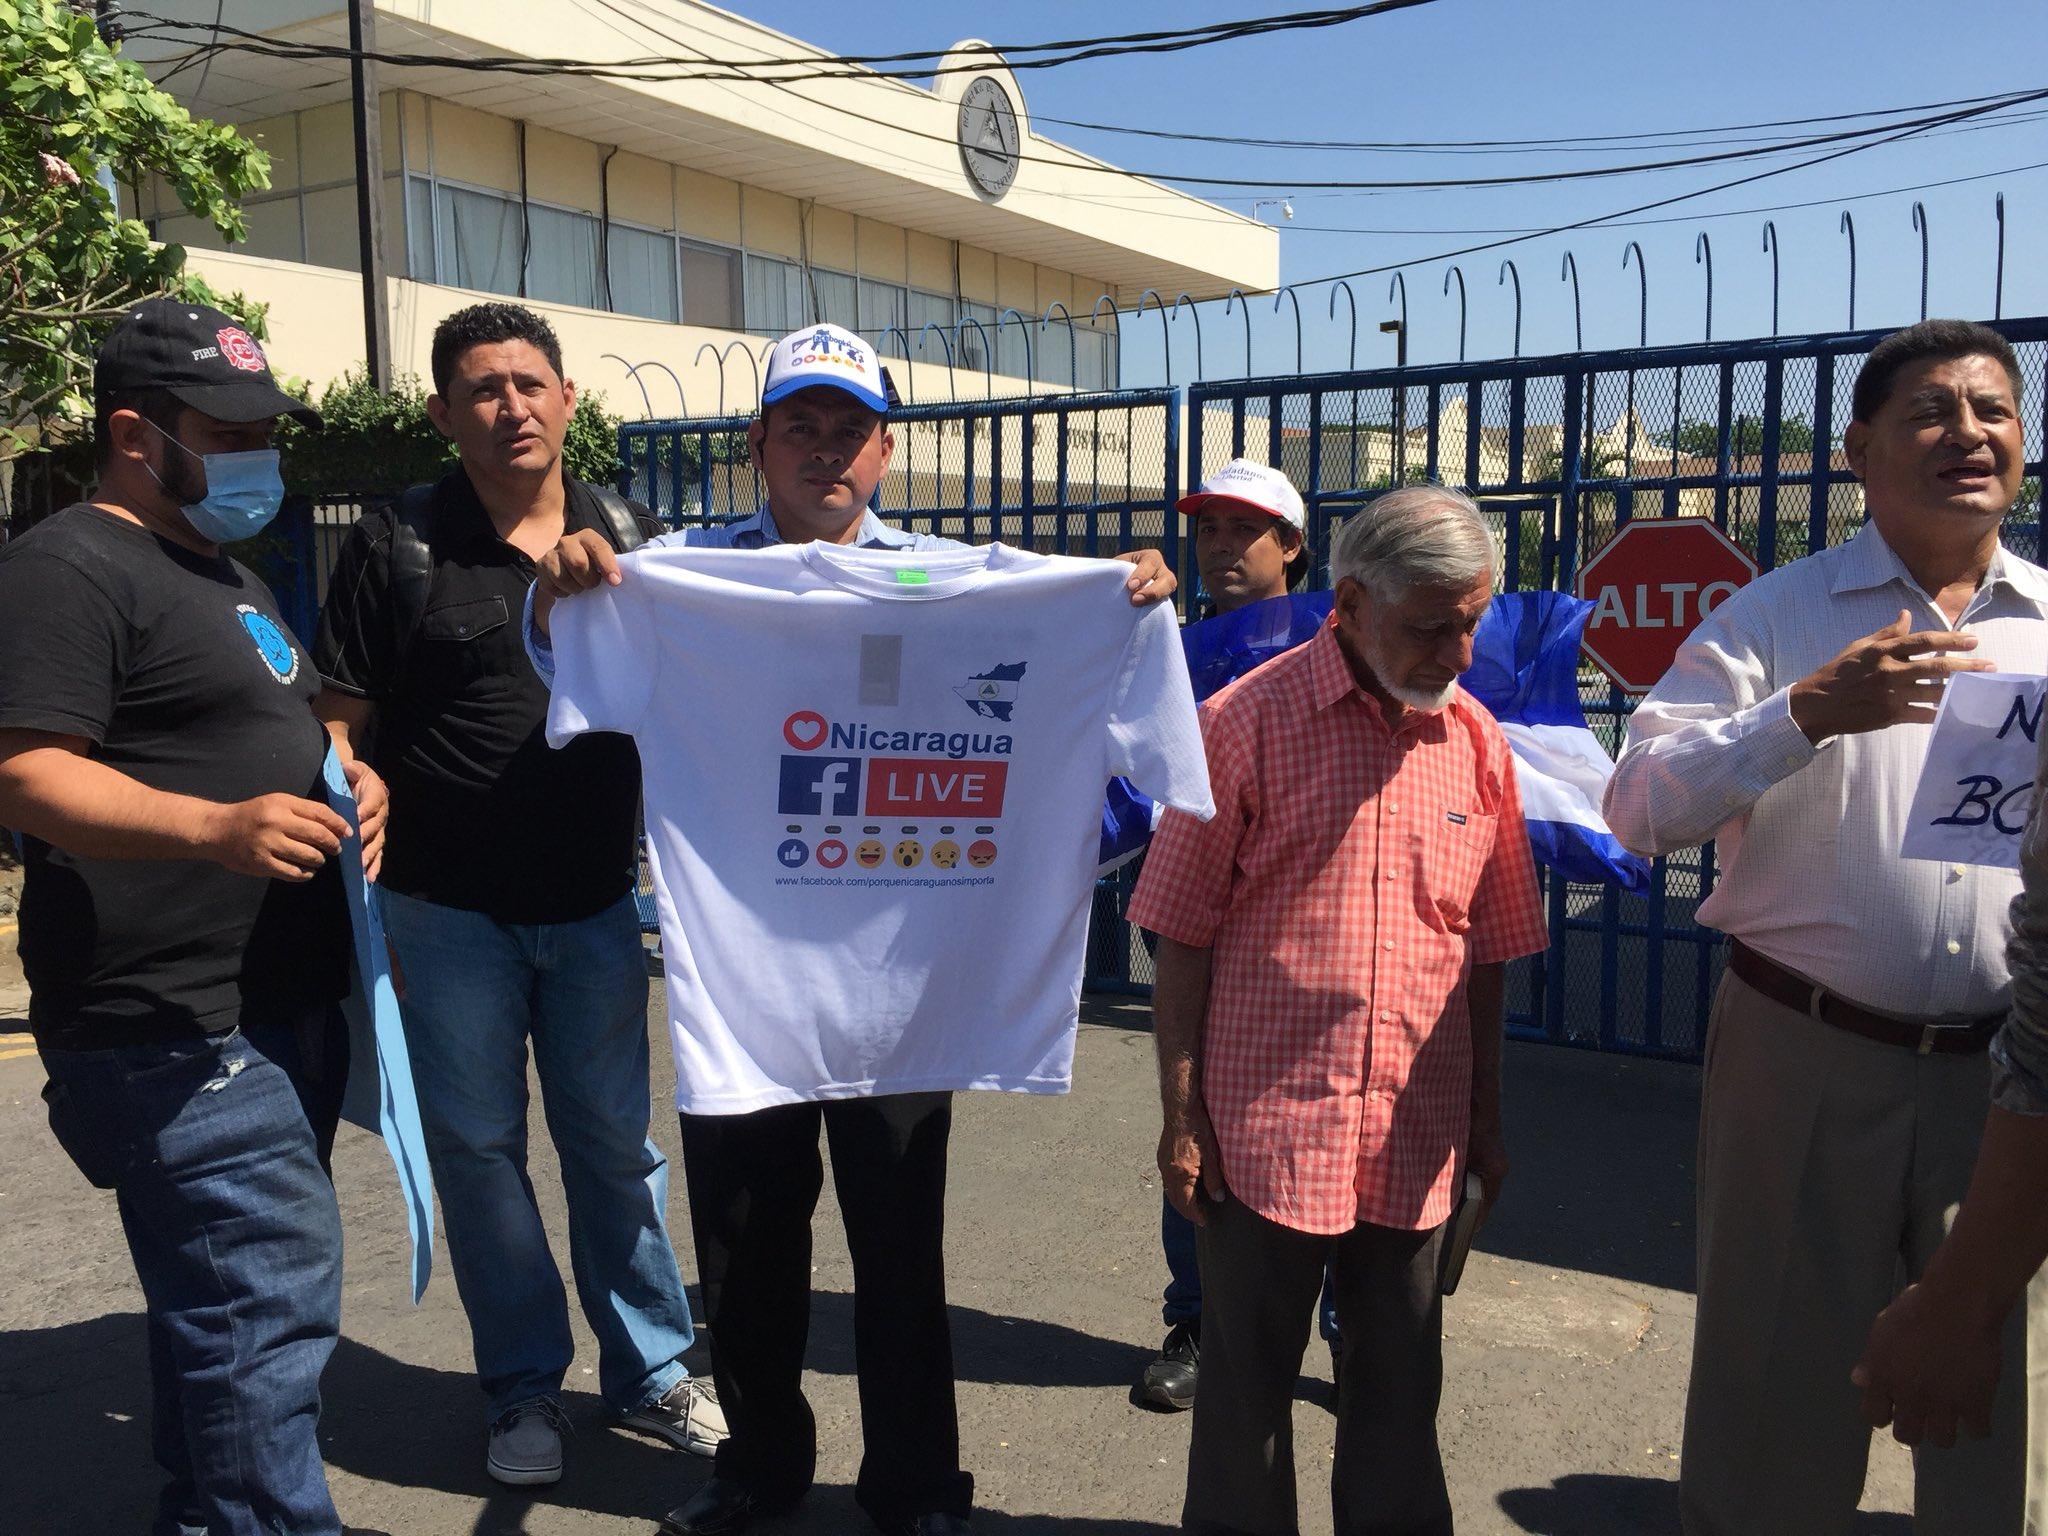 Movimientos sociales protestan en rechazo por posible control de las redes sociales. Foto: Gerall Chávez